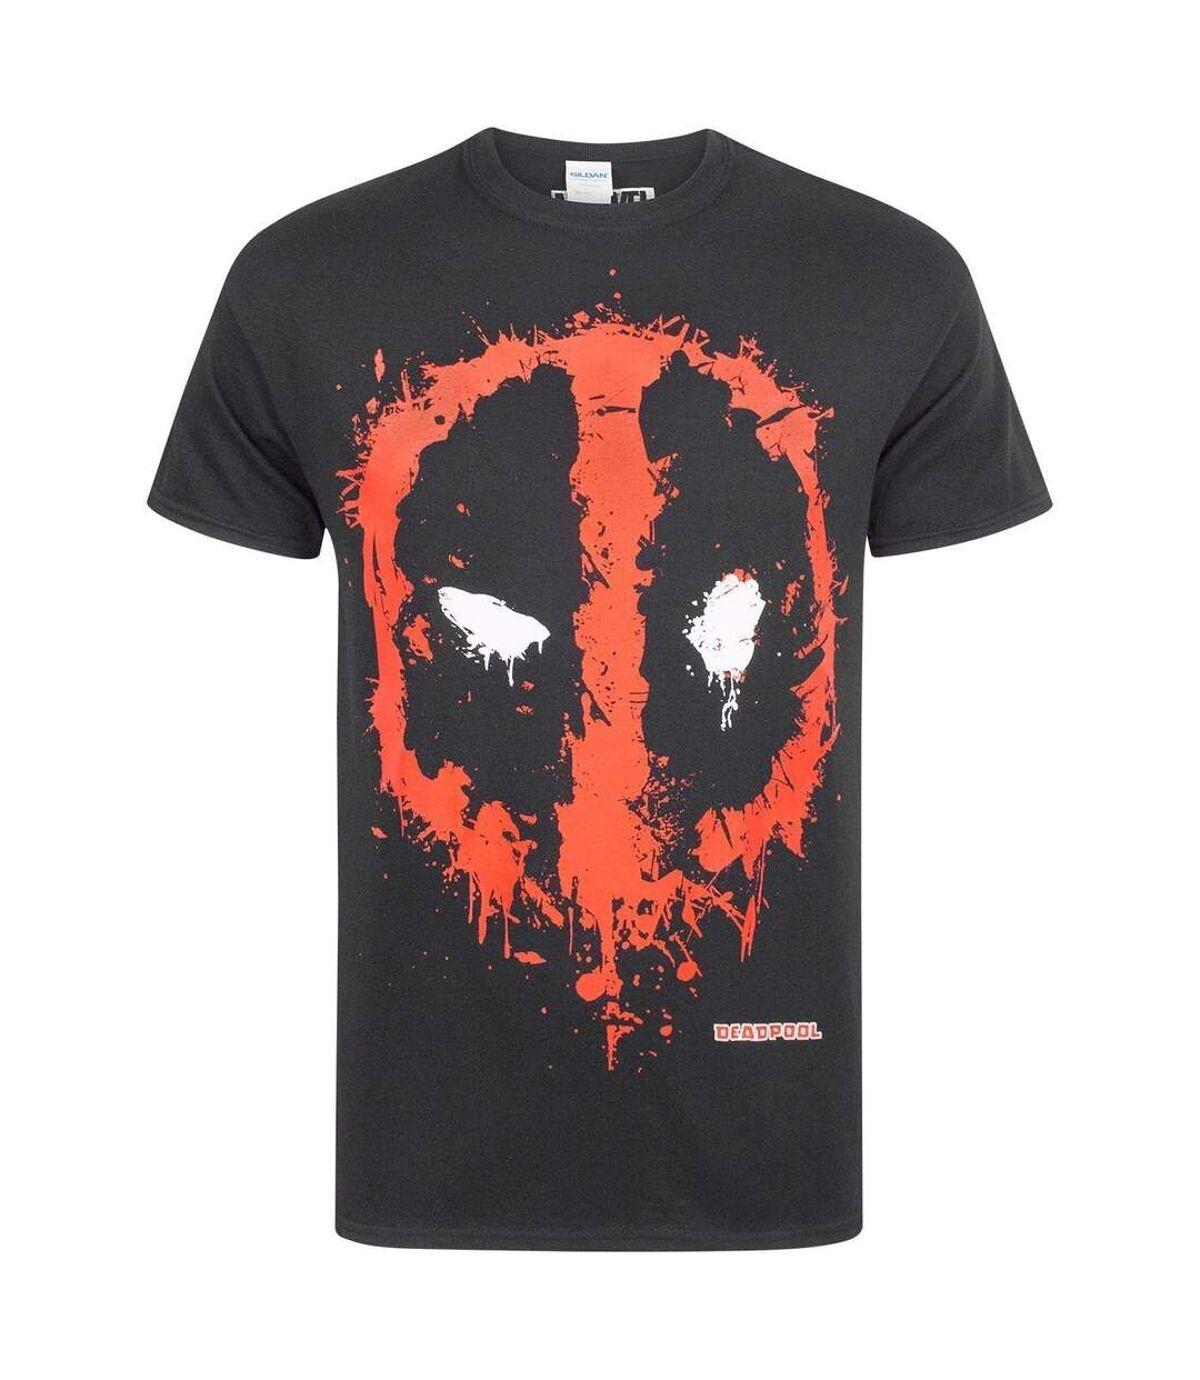 Marvel Official Deadpool Mens Splat Logo T-Shirt (Black) - UTNS4926